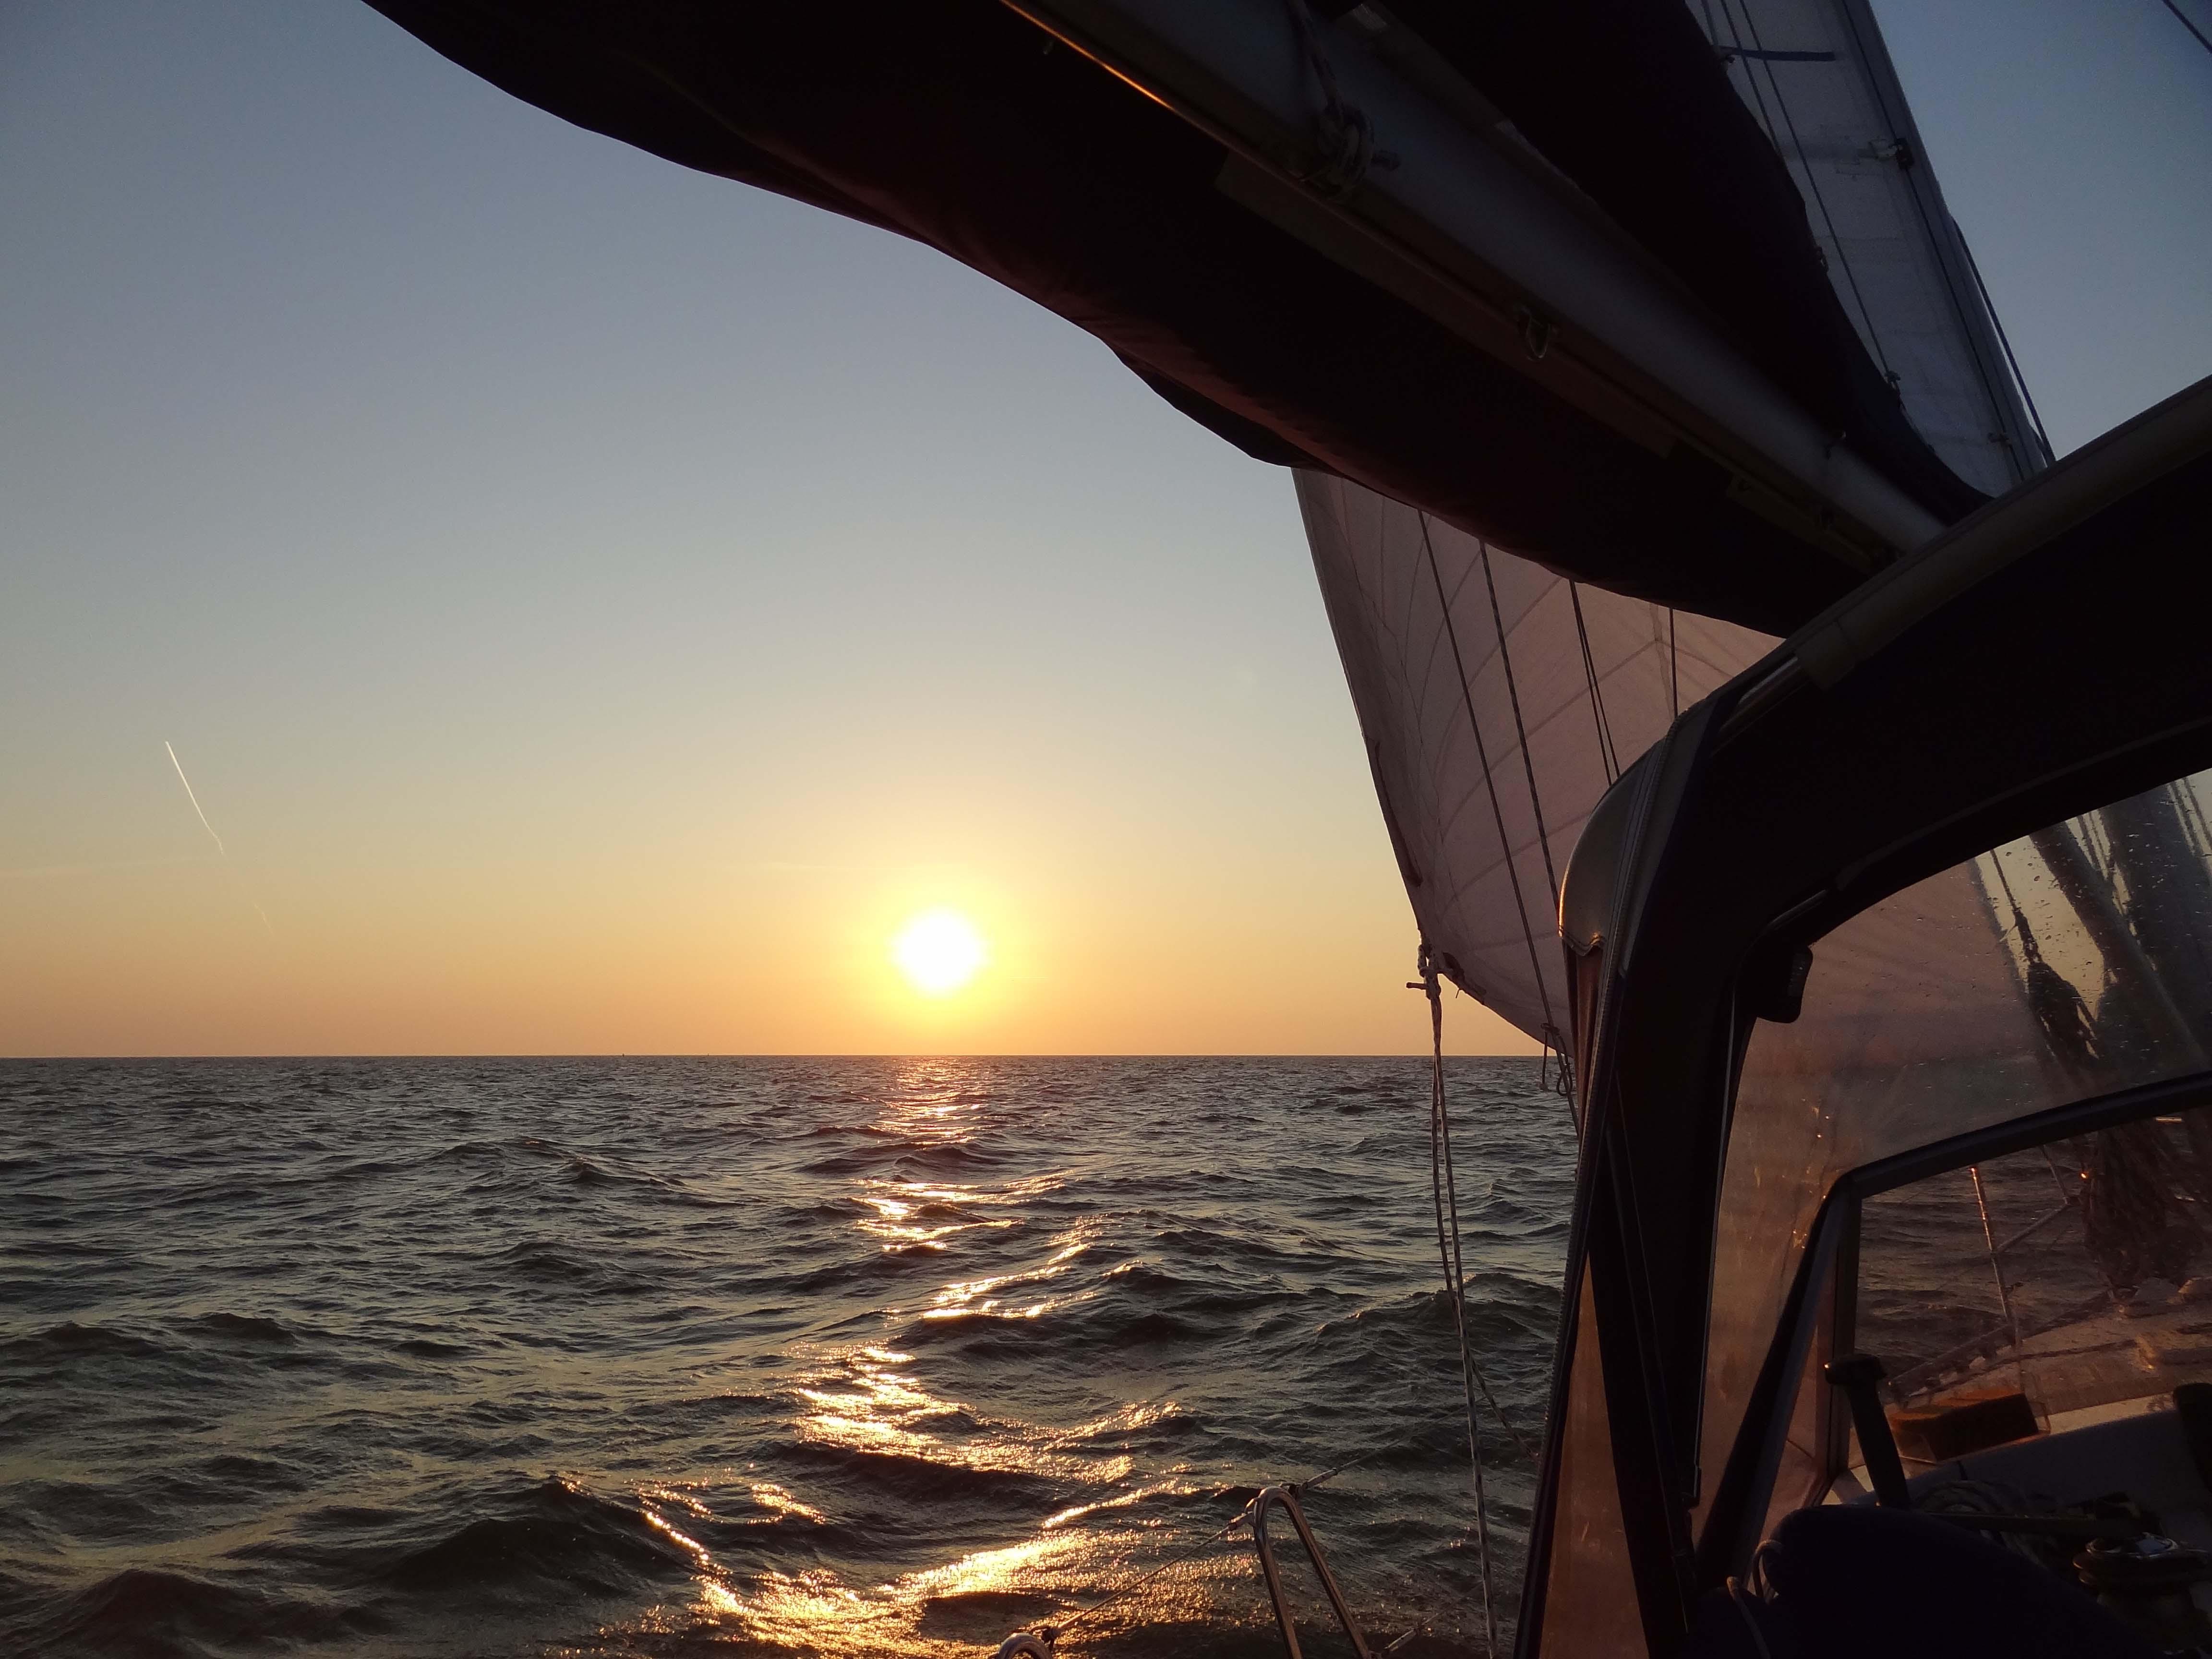 Sonnenuntergang auf dem Weg nach Stavoren